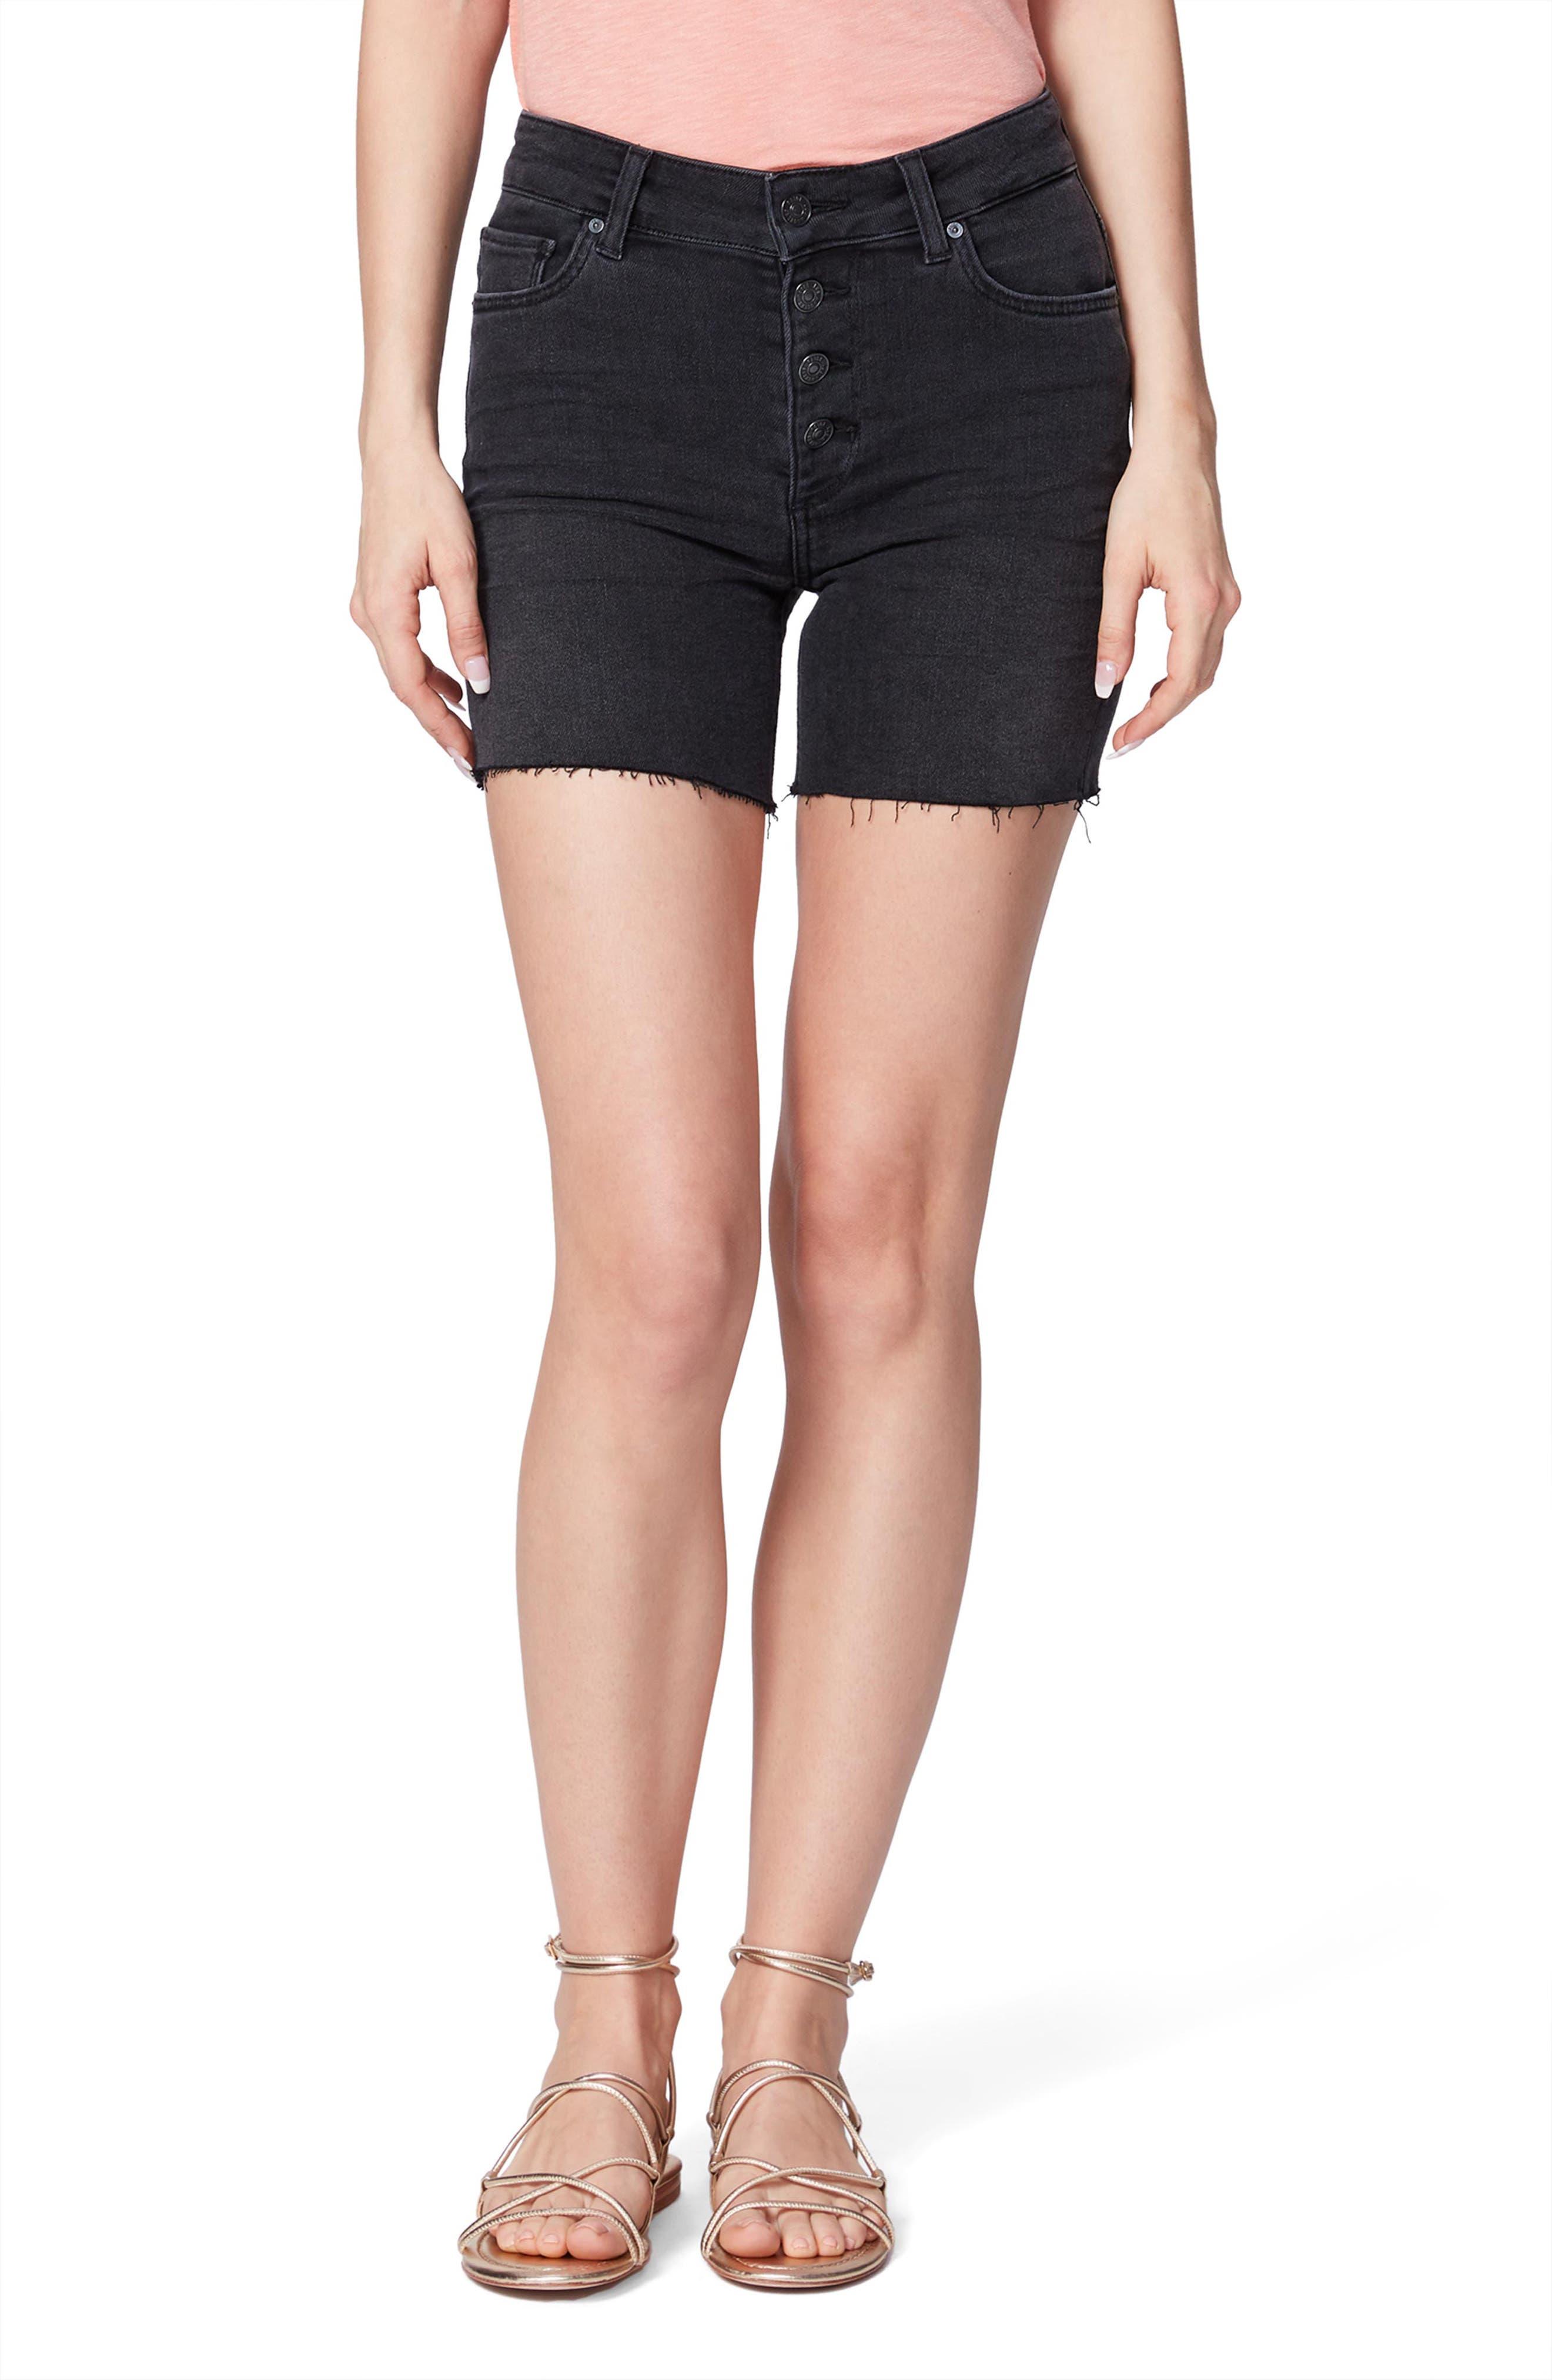 Women's Paige Sarah High Waist Slim Longline Cutoff Denim Shorts,  27 - Black